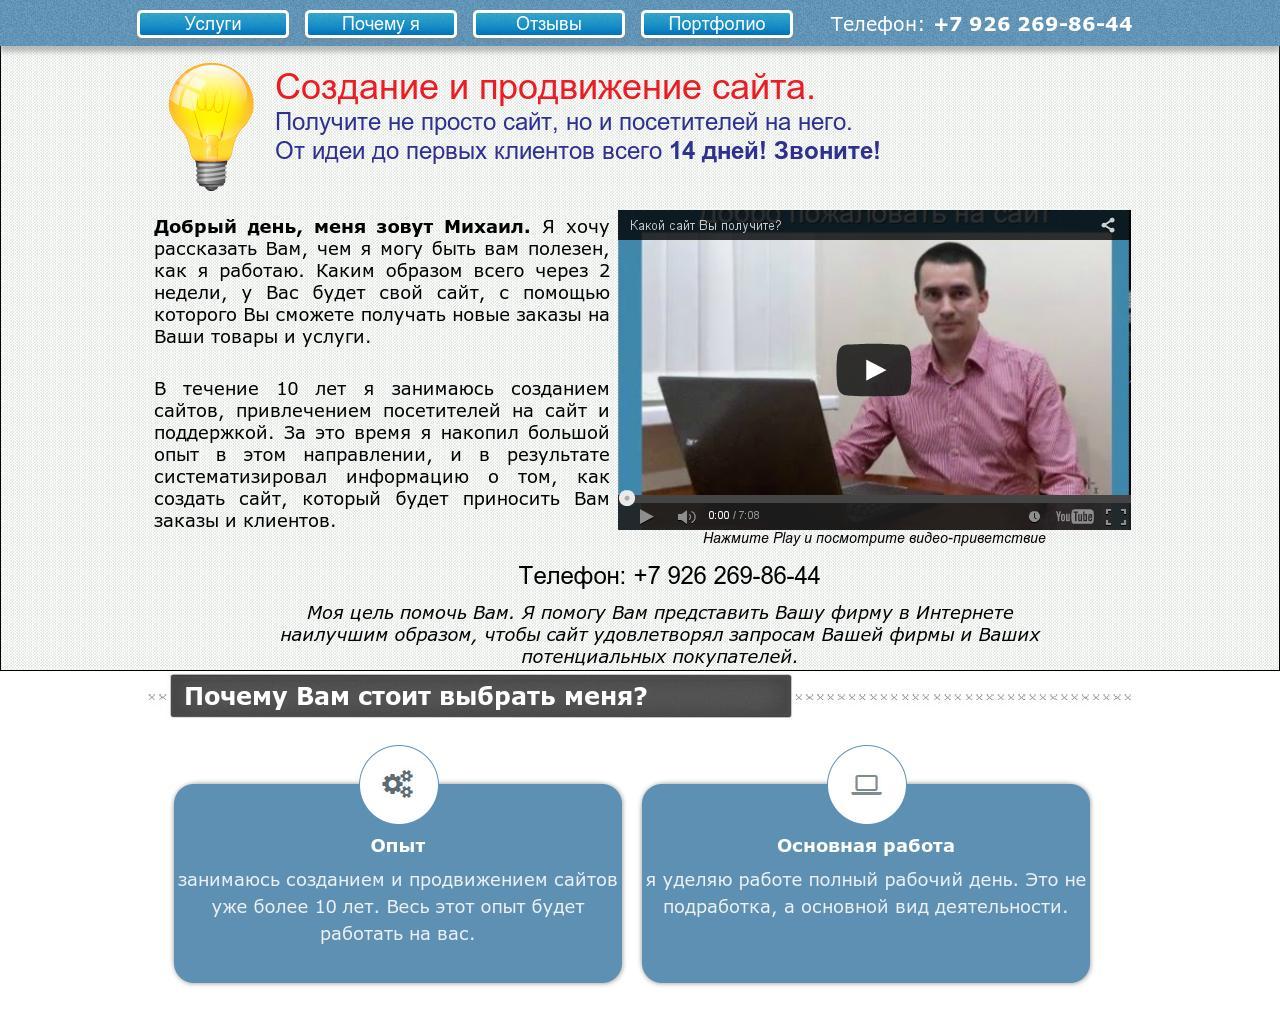 Создание и раскрутка сайтов рязани для создания макетов сайтов